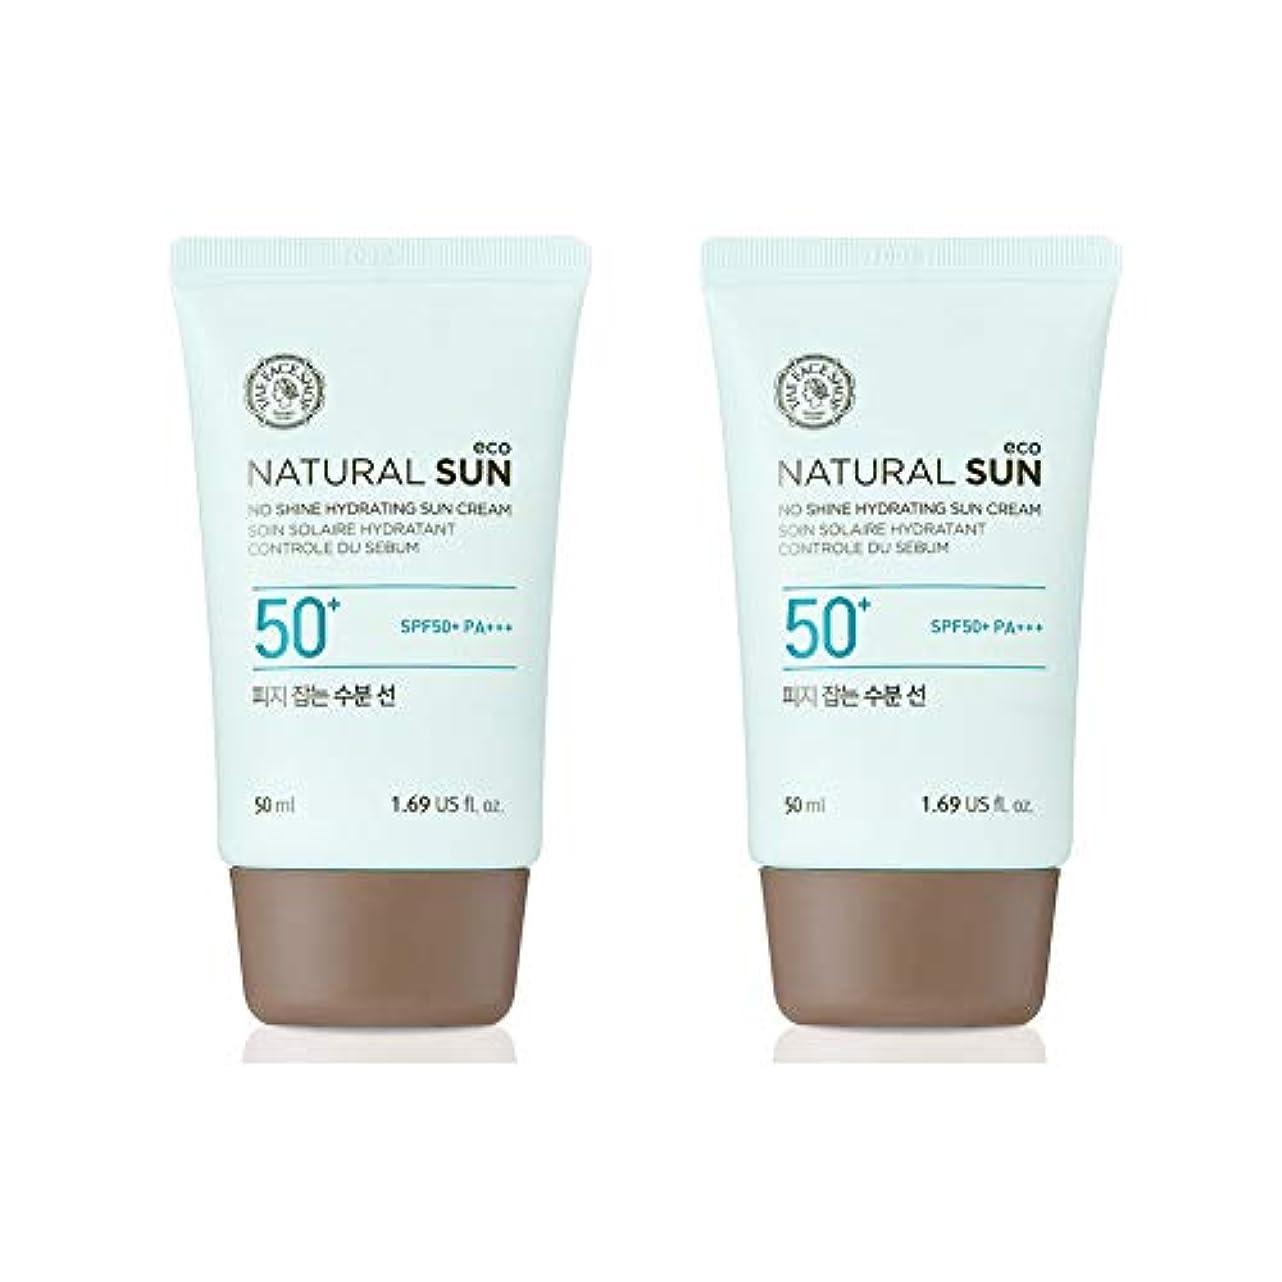 ボイコットインペリアルオゾンザ?フェイスショップネチュロルソンエコフィジーサン?クリームSPF50+PA+++50ml x 2本セット韓国コスメ、The Face Shop Natural Sun Eco No Shine Hydrating Sun...